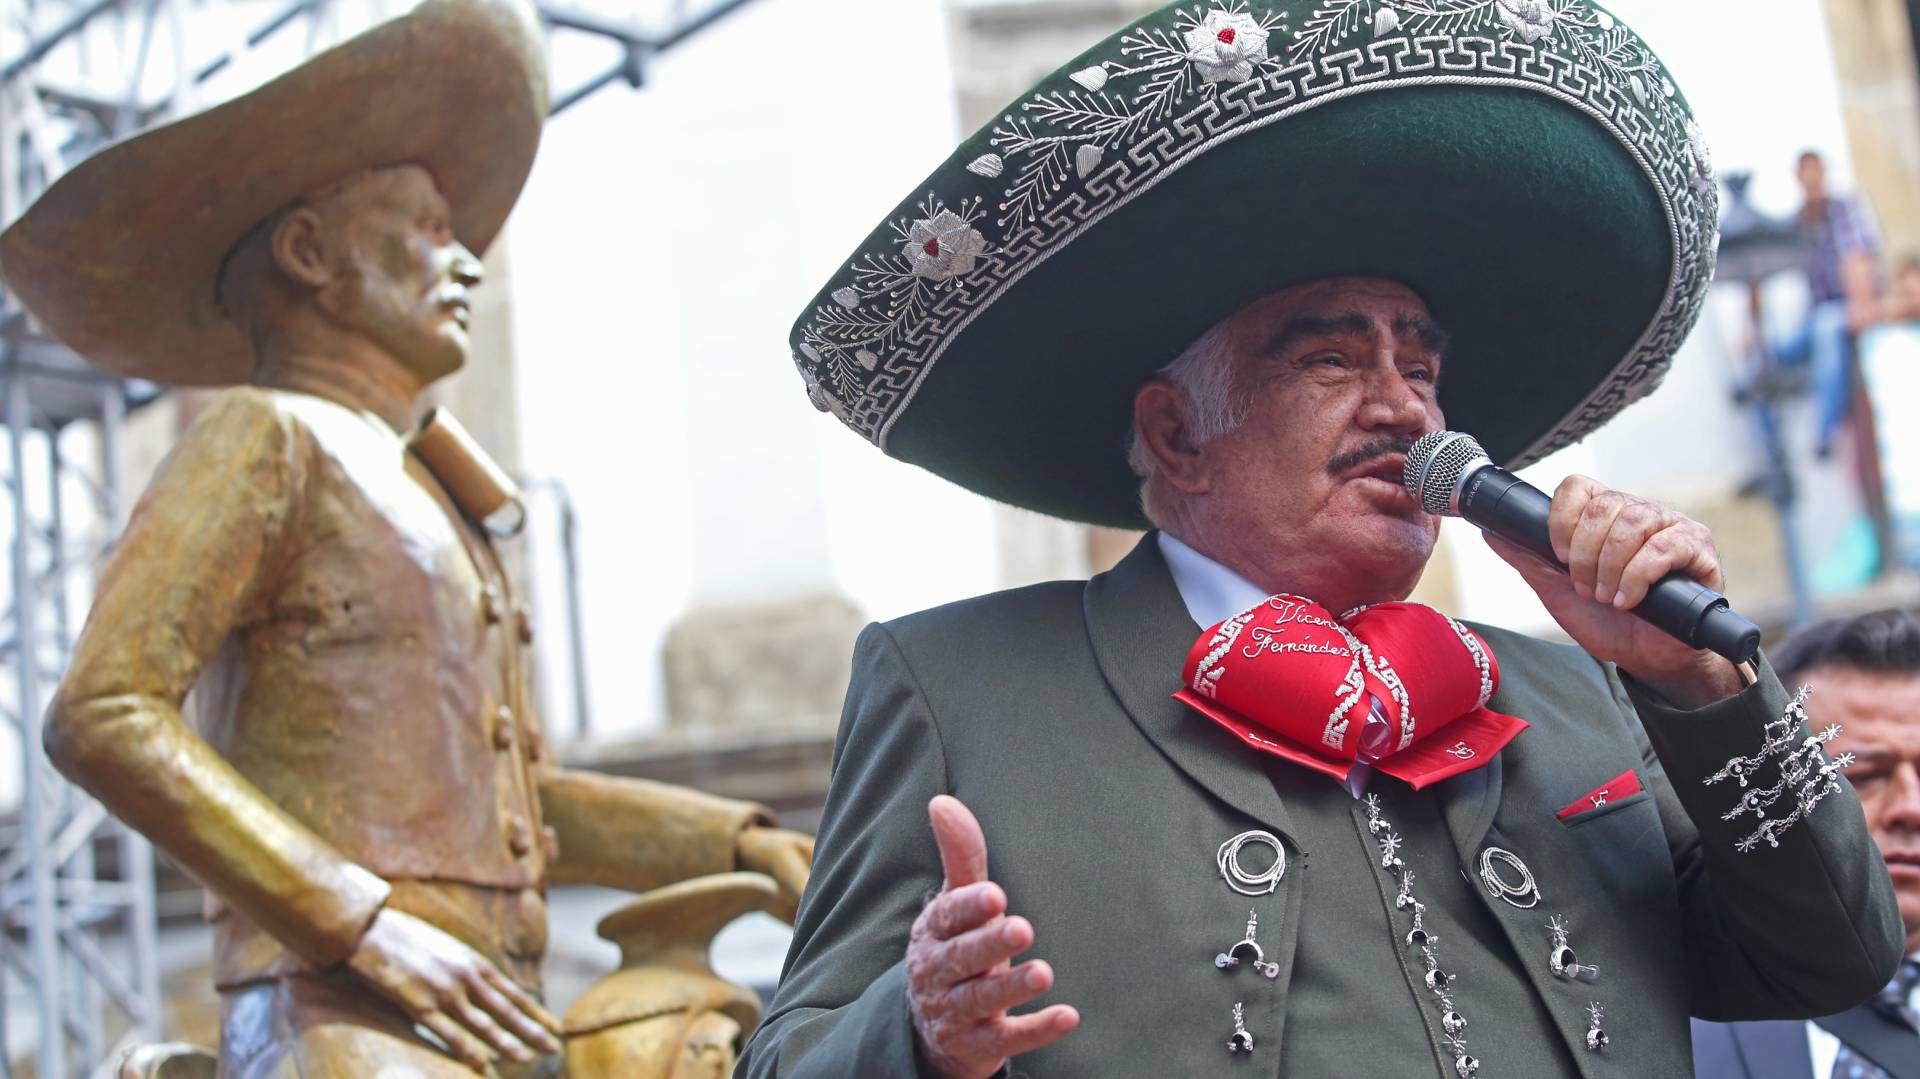 Vicente Fernández develó una estatua en su honor, pero no se parecen, según los fans (Foto: Cuartoscuro)